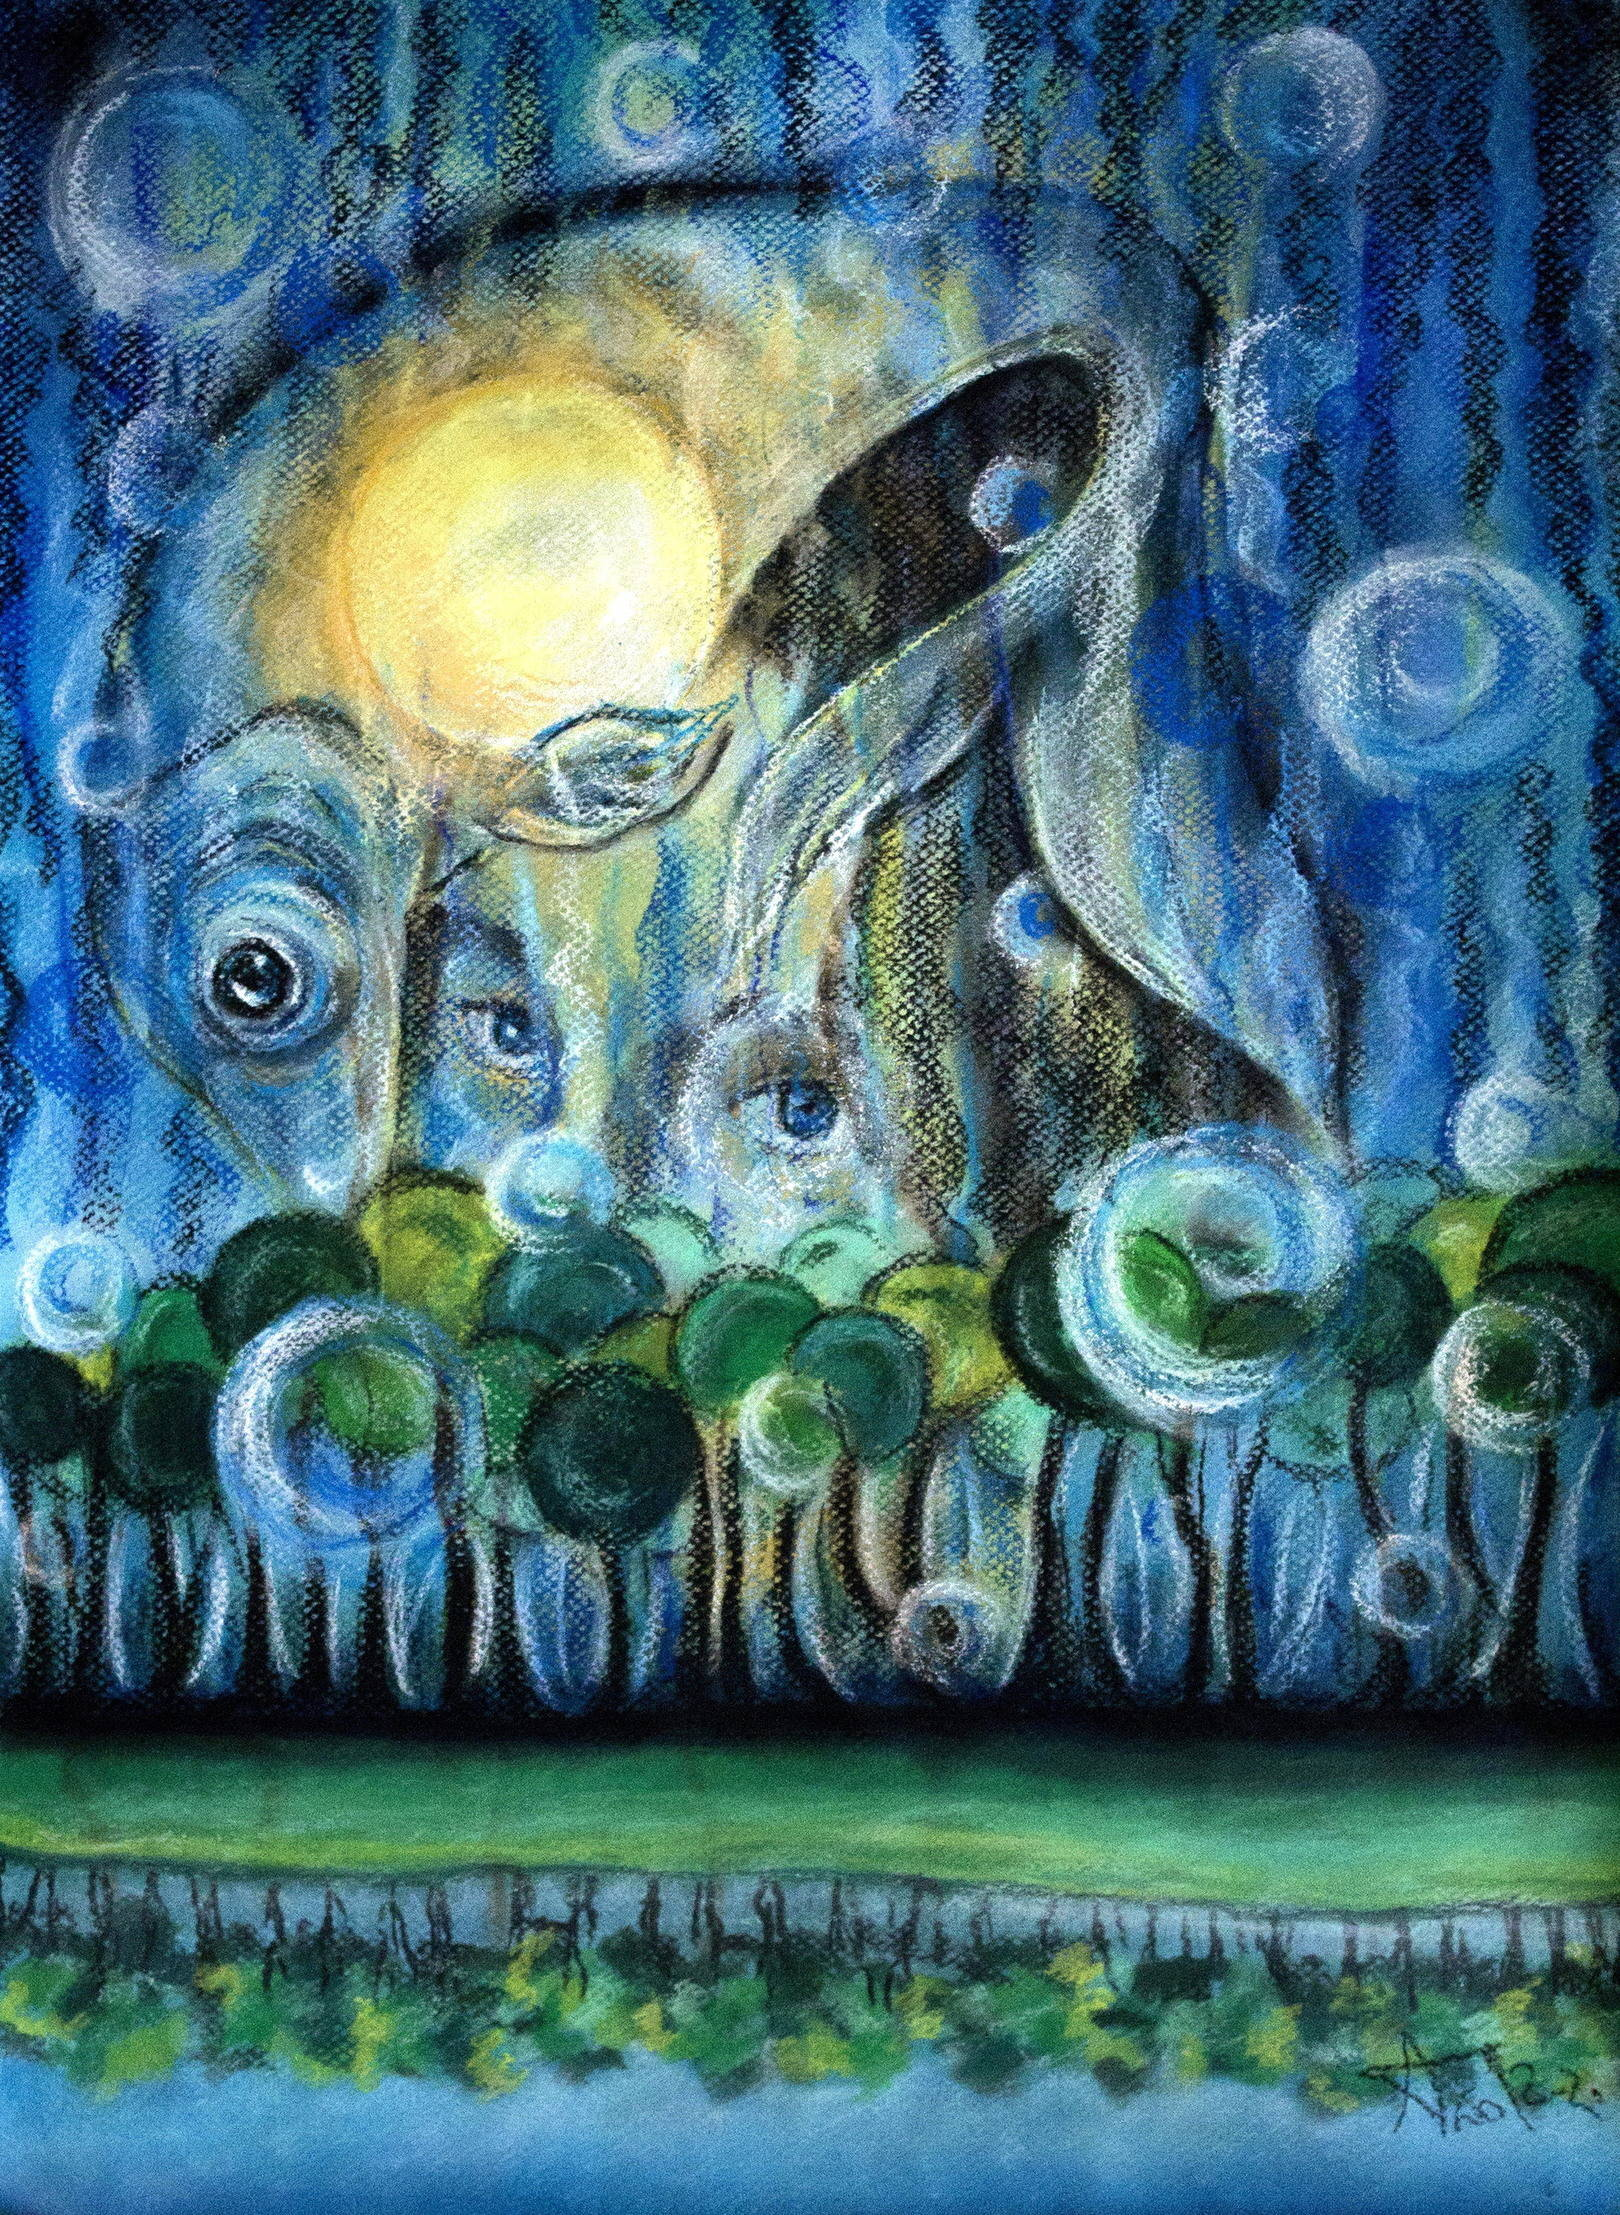 Гипноз. Бумага, пастель, 46х36, 2012